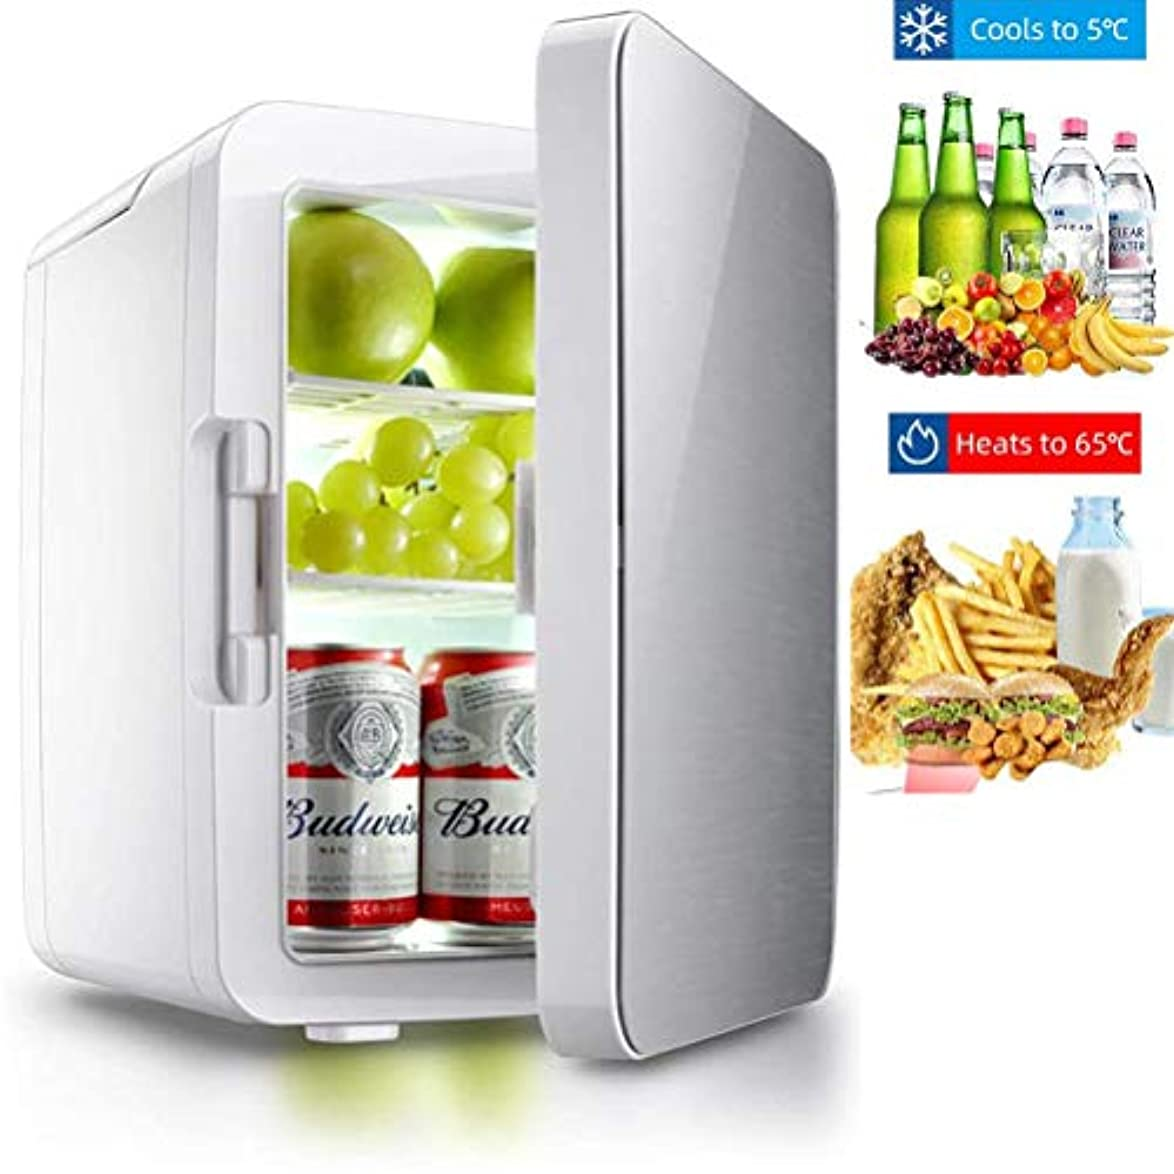 掃くもろい解明ミニ冷蔵庫、携帯型パーソナルカー冷蔵庫家庭用カーデュアルユース冷蔵庫飲料クーラー10リットルのコンパクトクーラーウォーマー冷蔵庫,銀